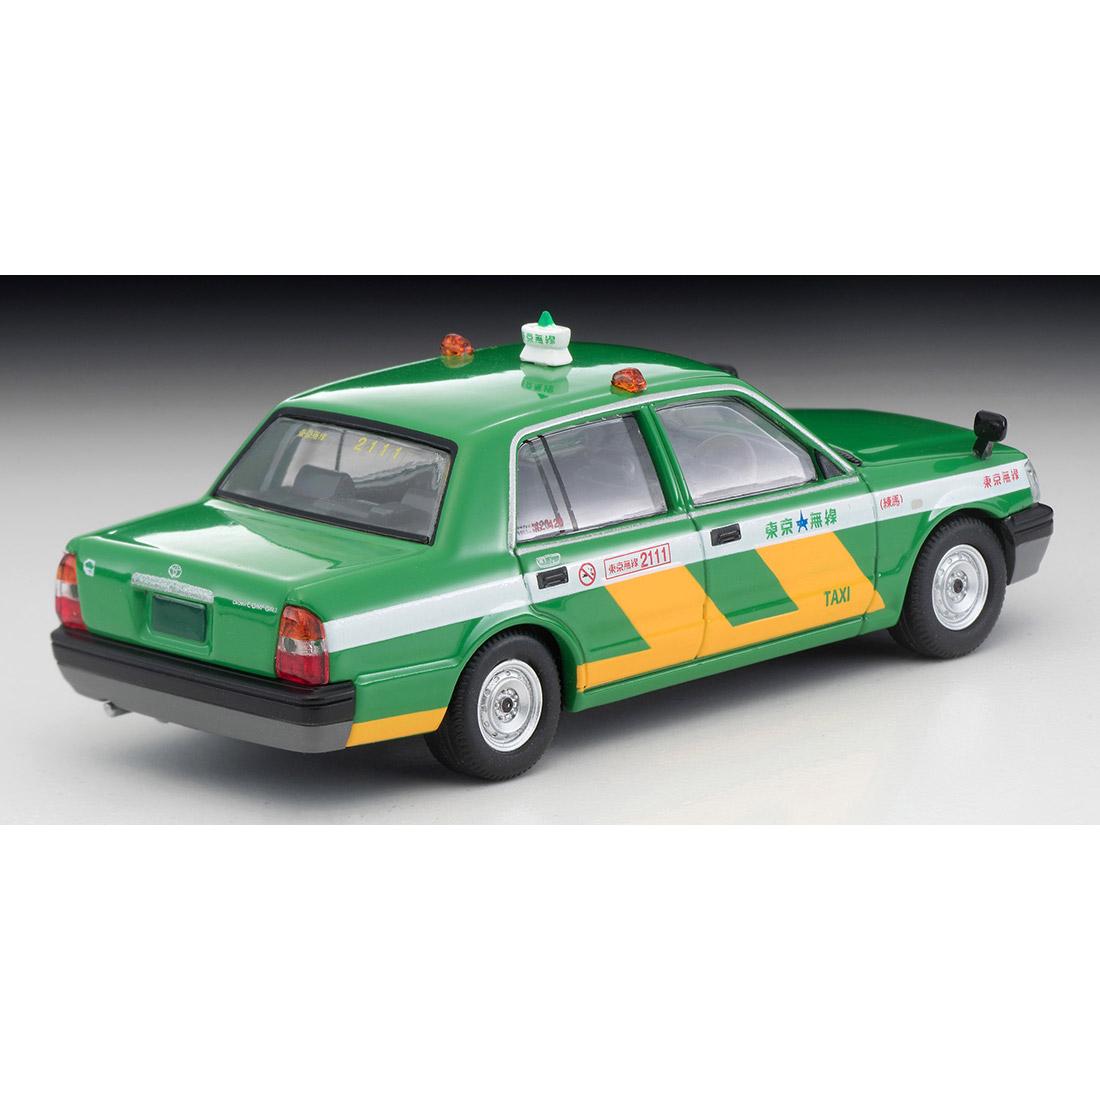 トミカリミテッド ヴィンテージ ネオ TLV-NEO『LV-N218a トヨタ クラウンコンフォート 東京無線タクシー(緑)』1/64 ミニカー-002